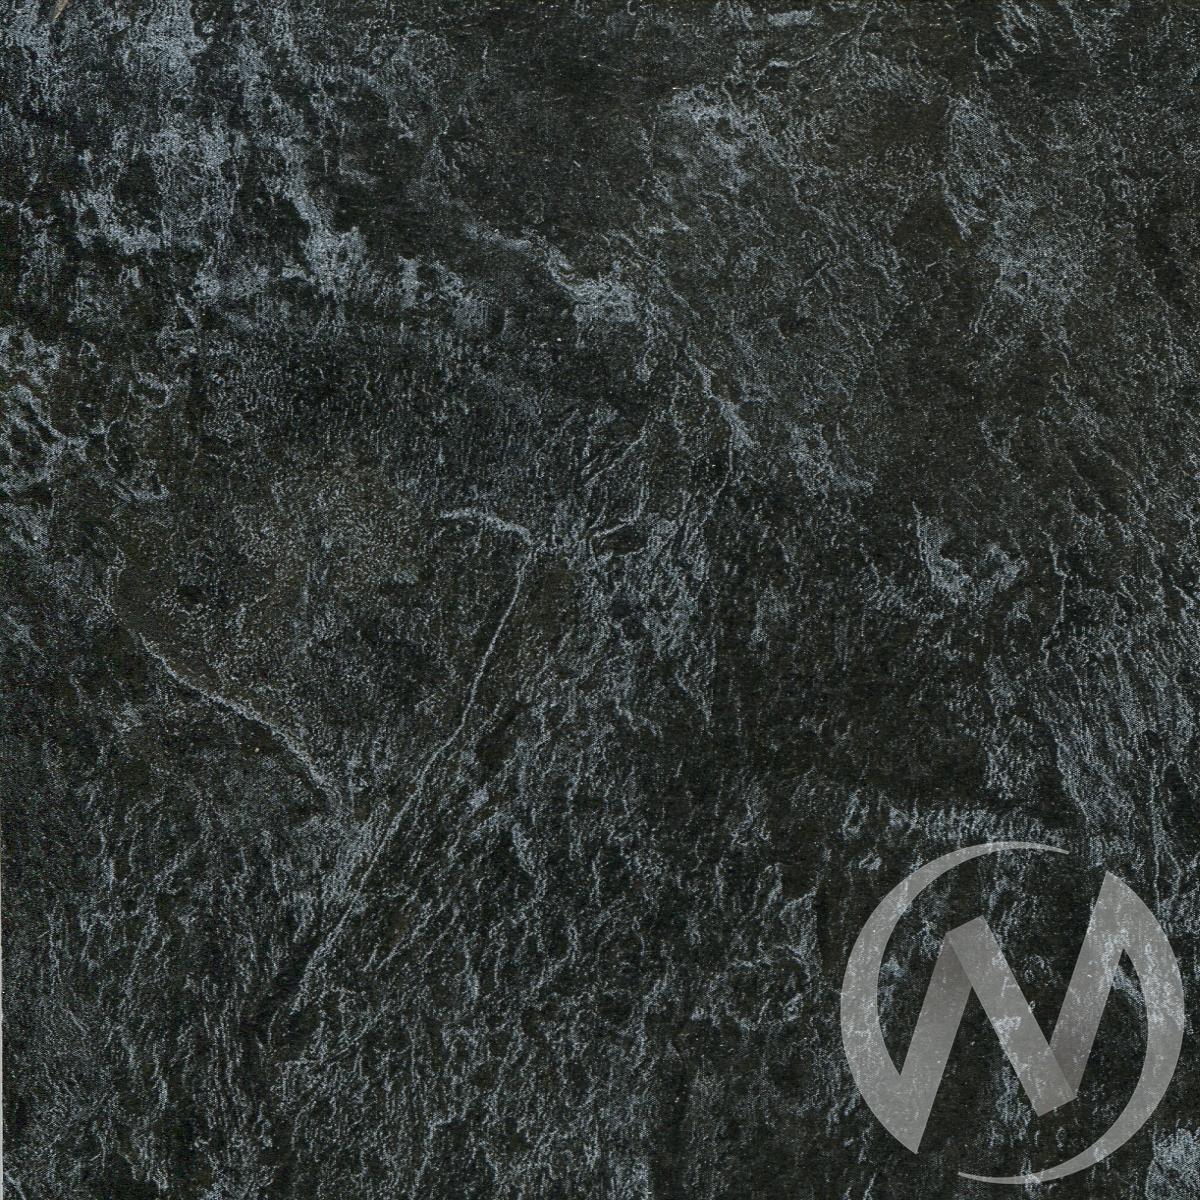 Кромка для столешницы с/к 3000*32мм (№ 46т кастилло темный) в заводской упаковке  в Новосибирске - интернет магазин Мебельный Проспект